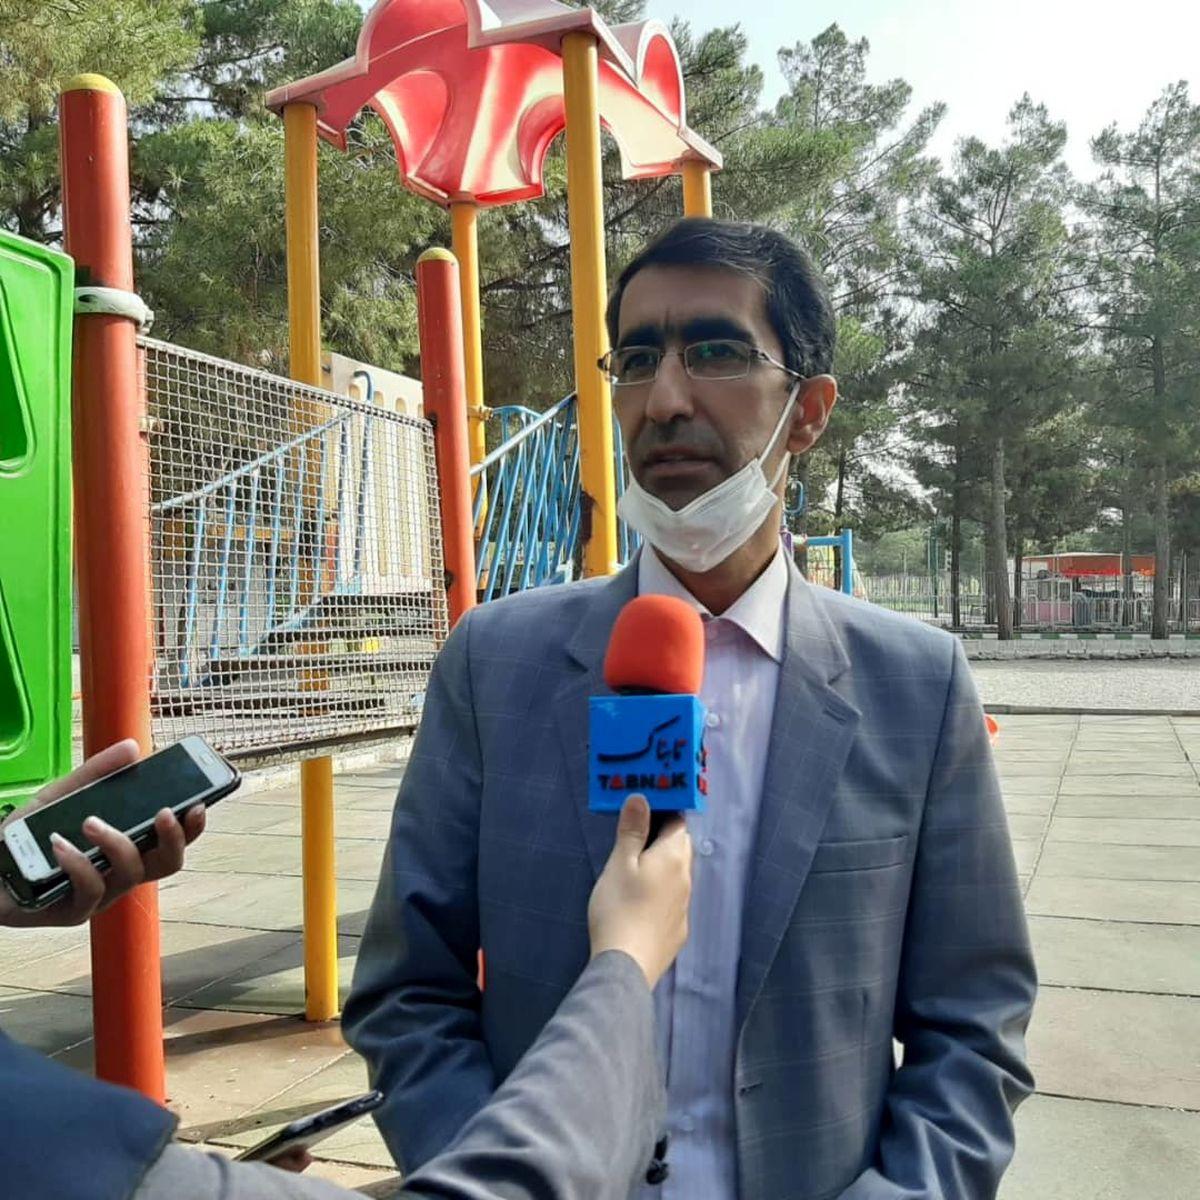 عملیات پاکسازی و ضدعفونی ۲۳۶ پارک در کرمانشاه